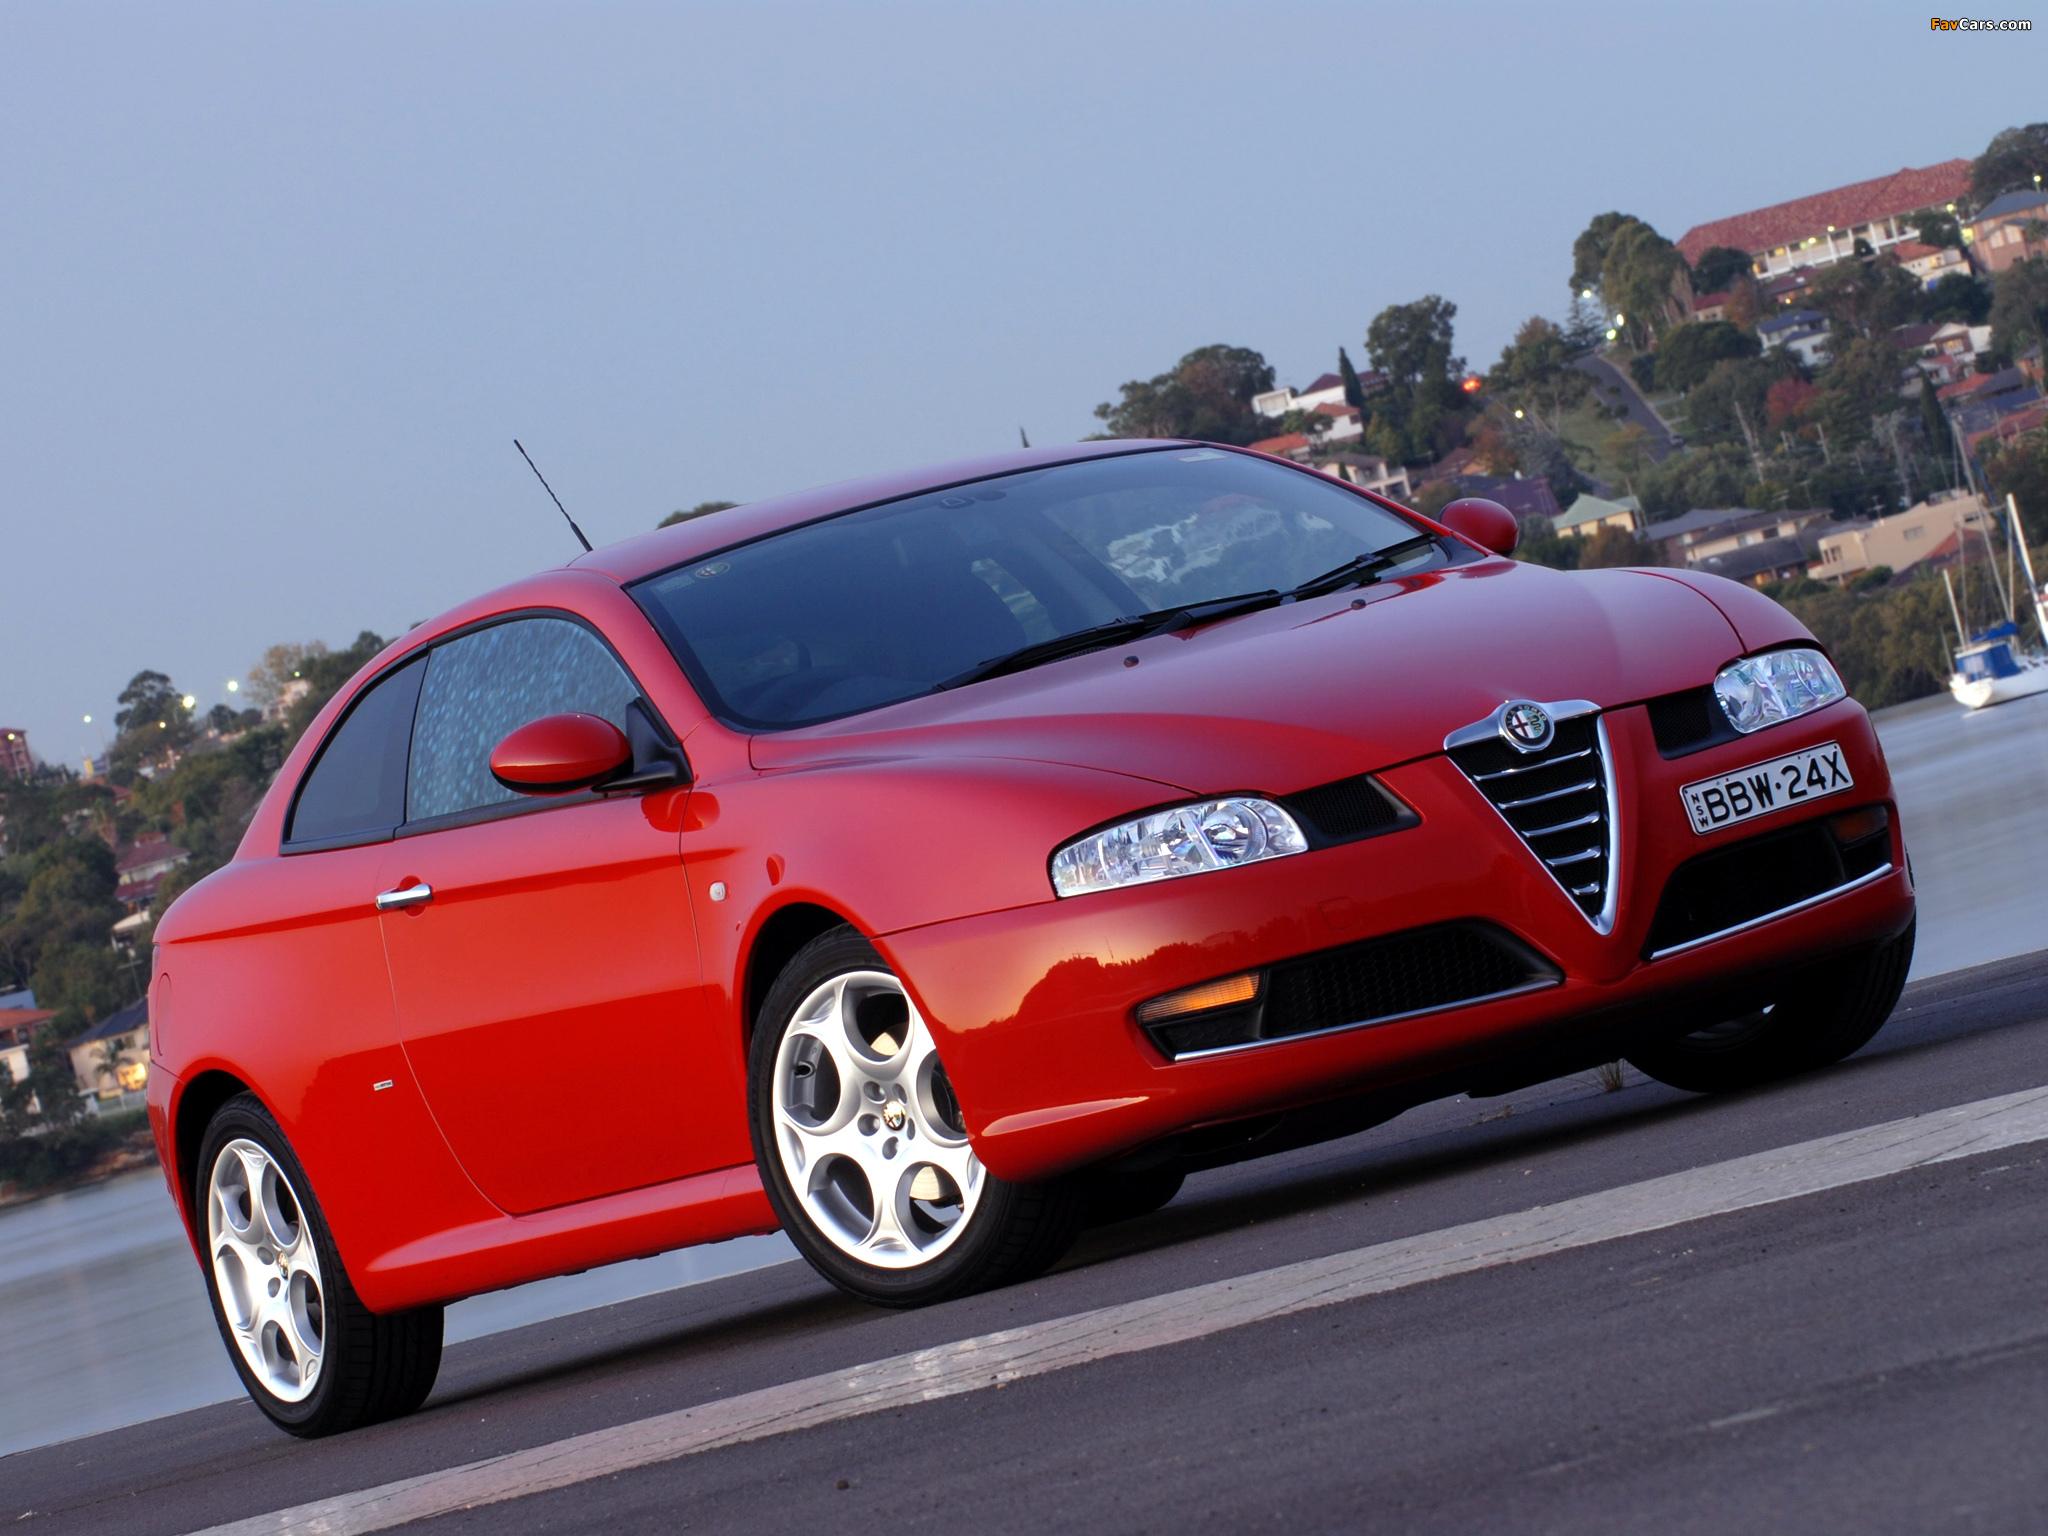 Hd wallpaper car - Alfa Romeo Gt Au Spec 937 2007 2010 Wallpapers 2048x1536